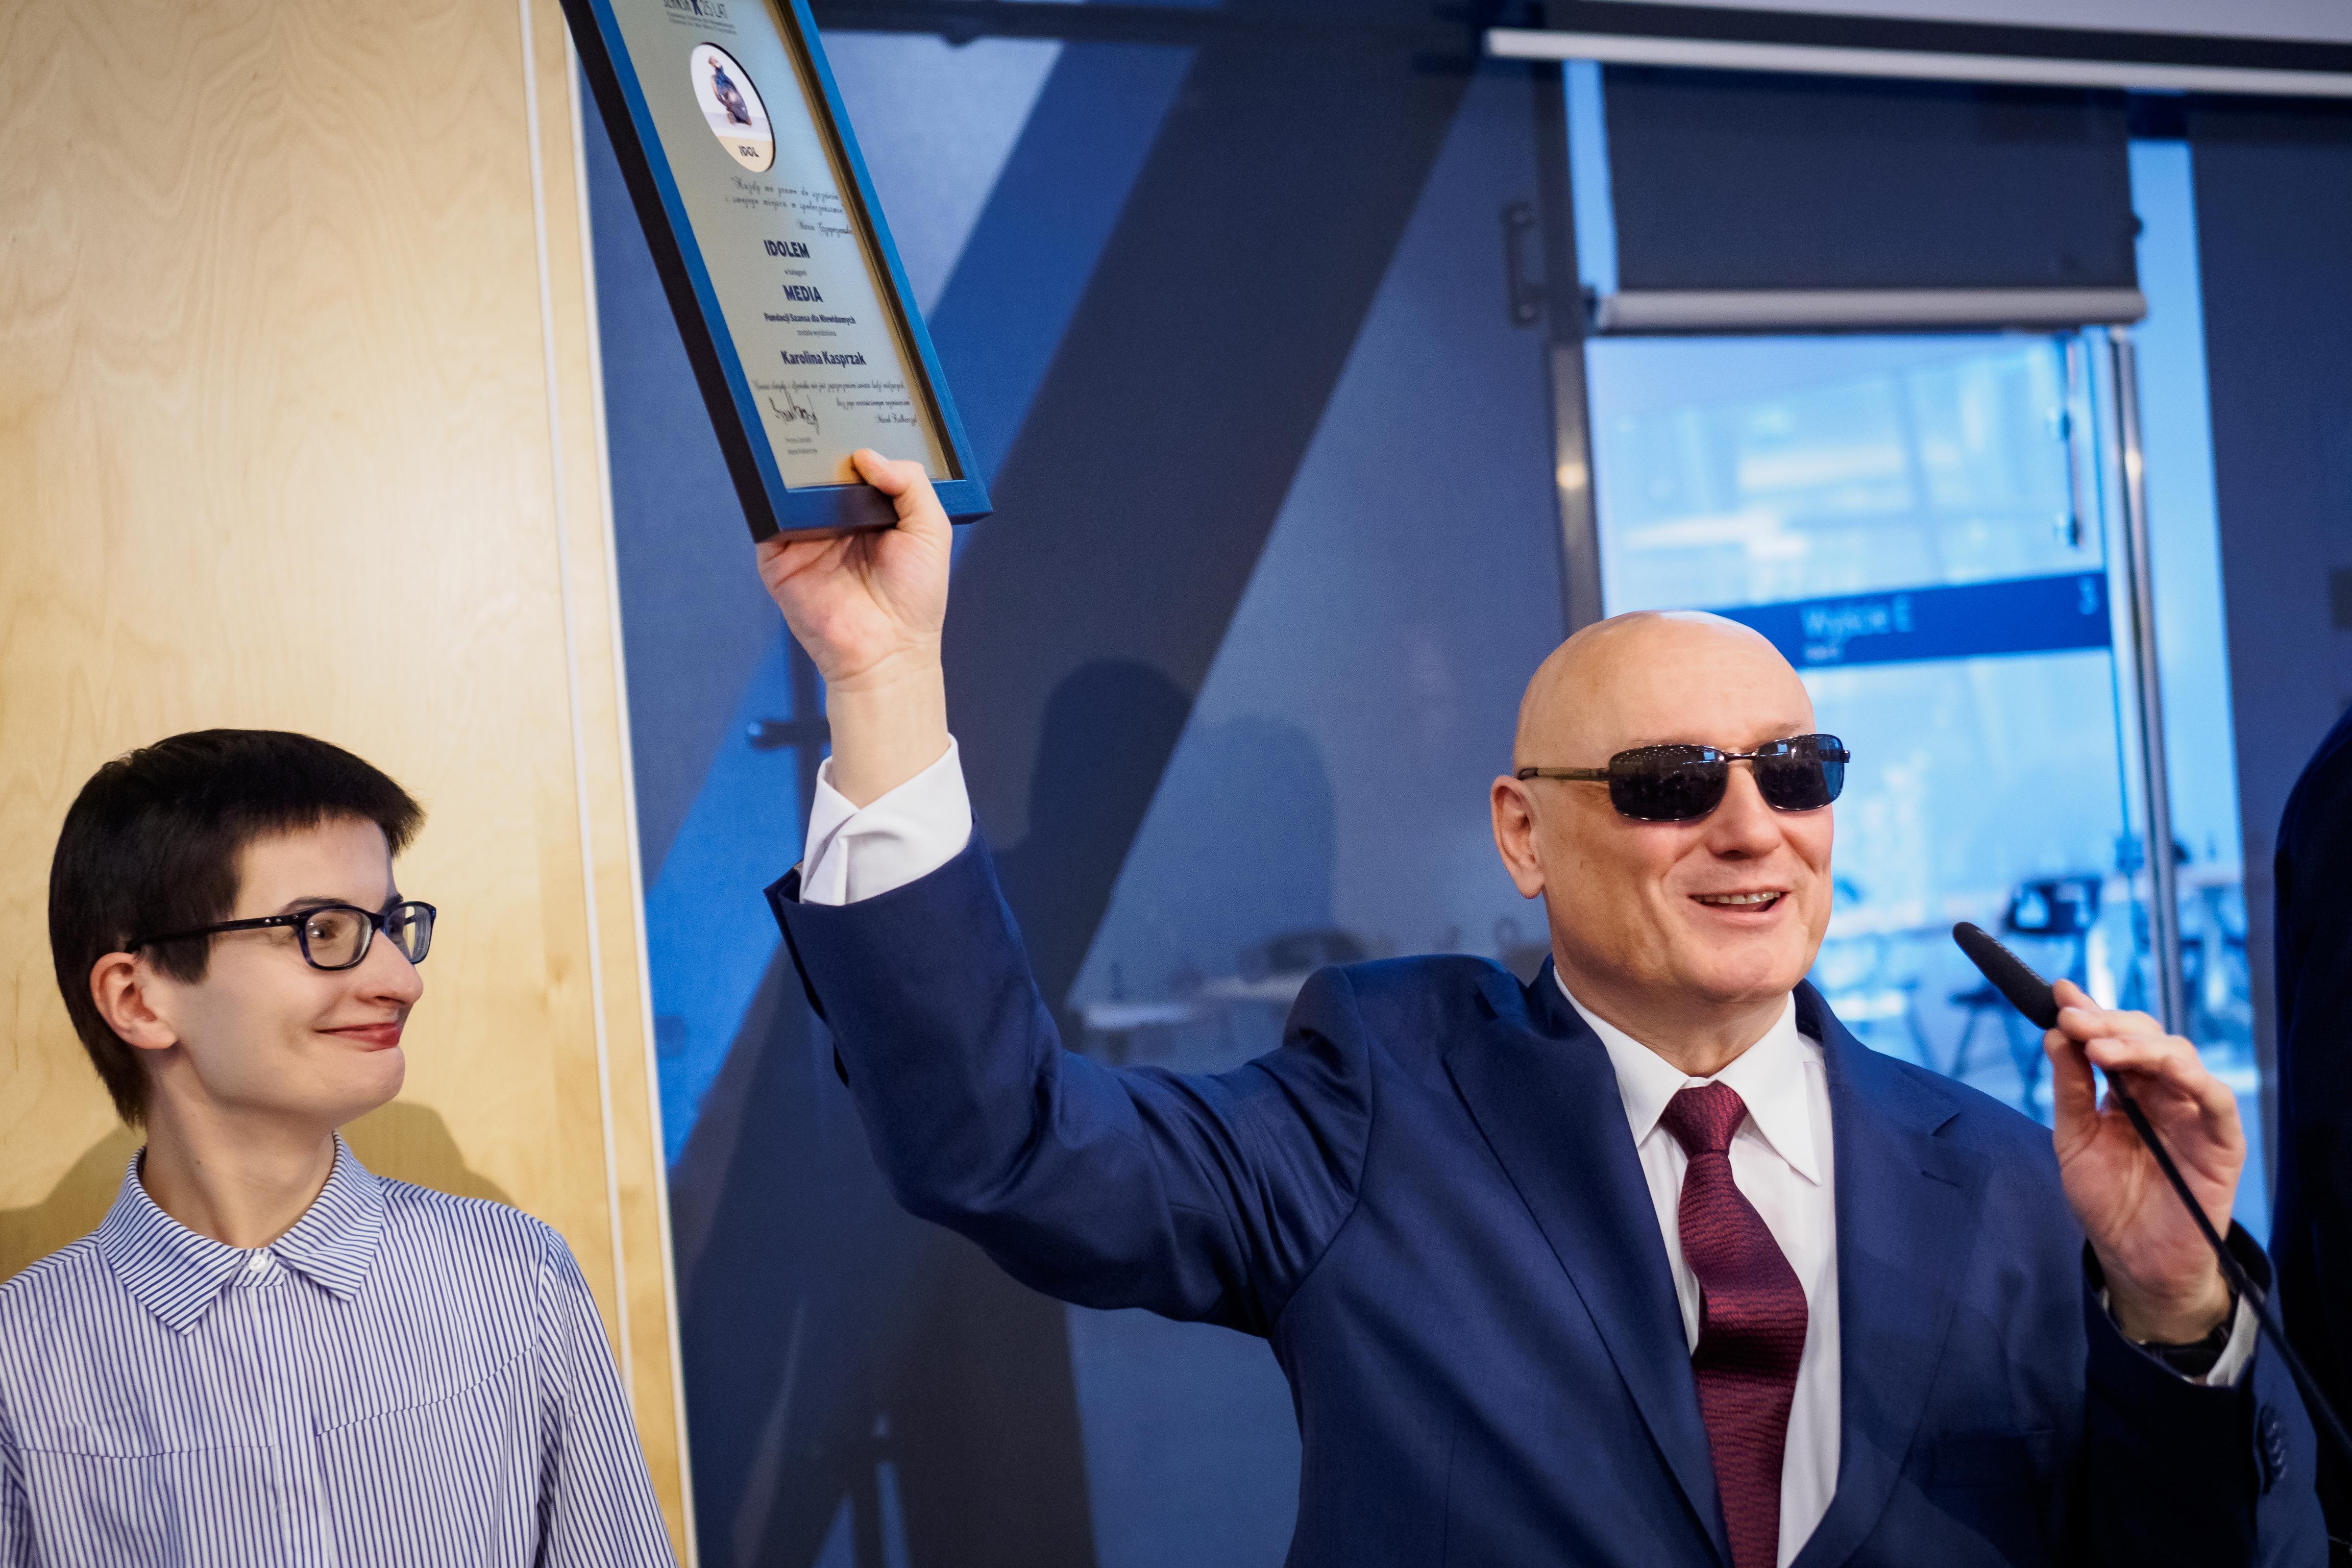 Prezes Marek Kalbarczyk wręcza nagrodę Idola w kategorii Media dla Karoliny Kasprzak unosząc dyplom tyflograficzny do góry.